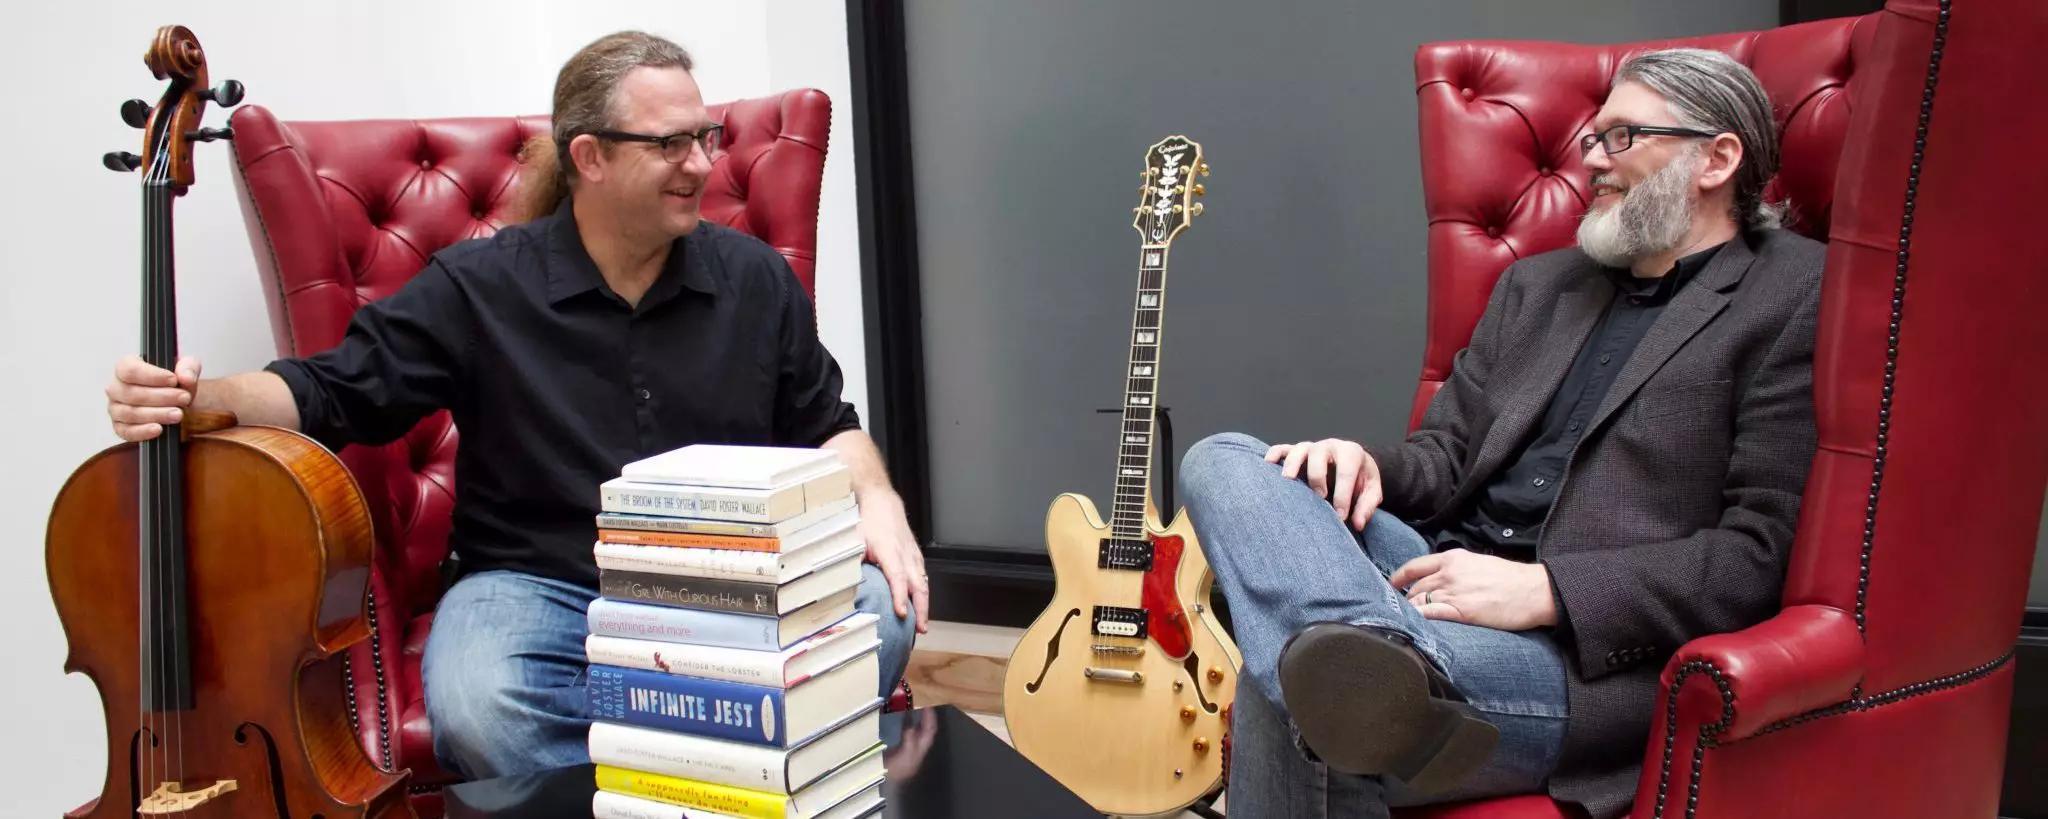 Artist Interview: Tyson Allison